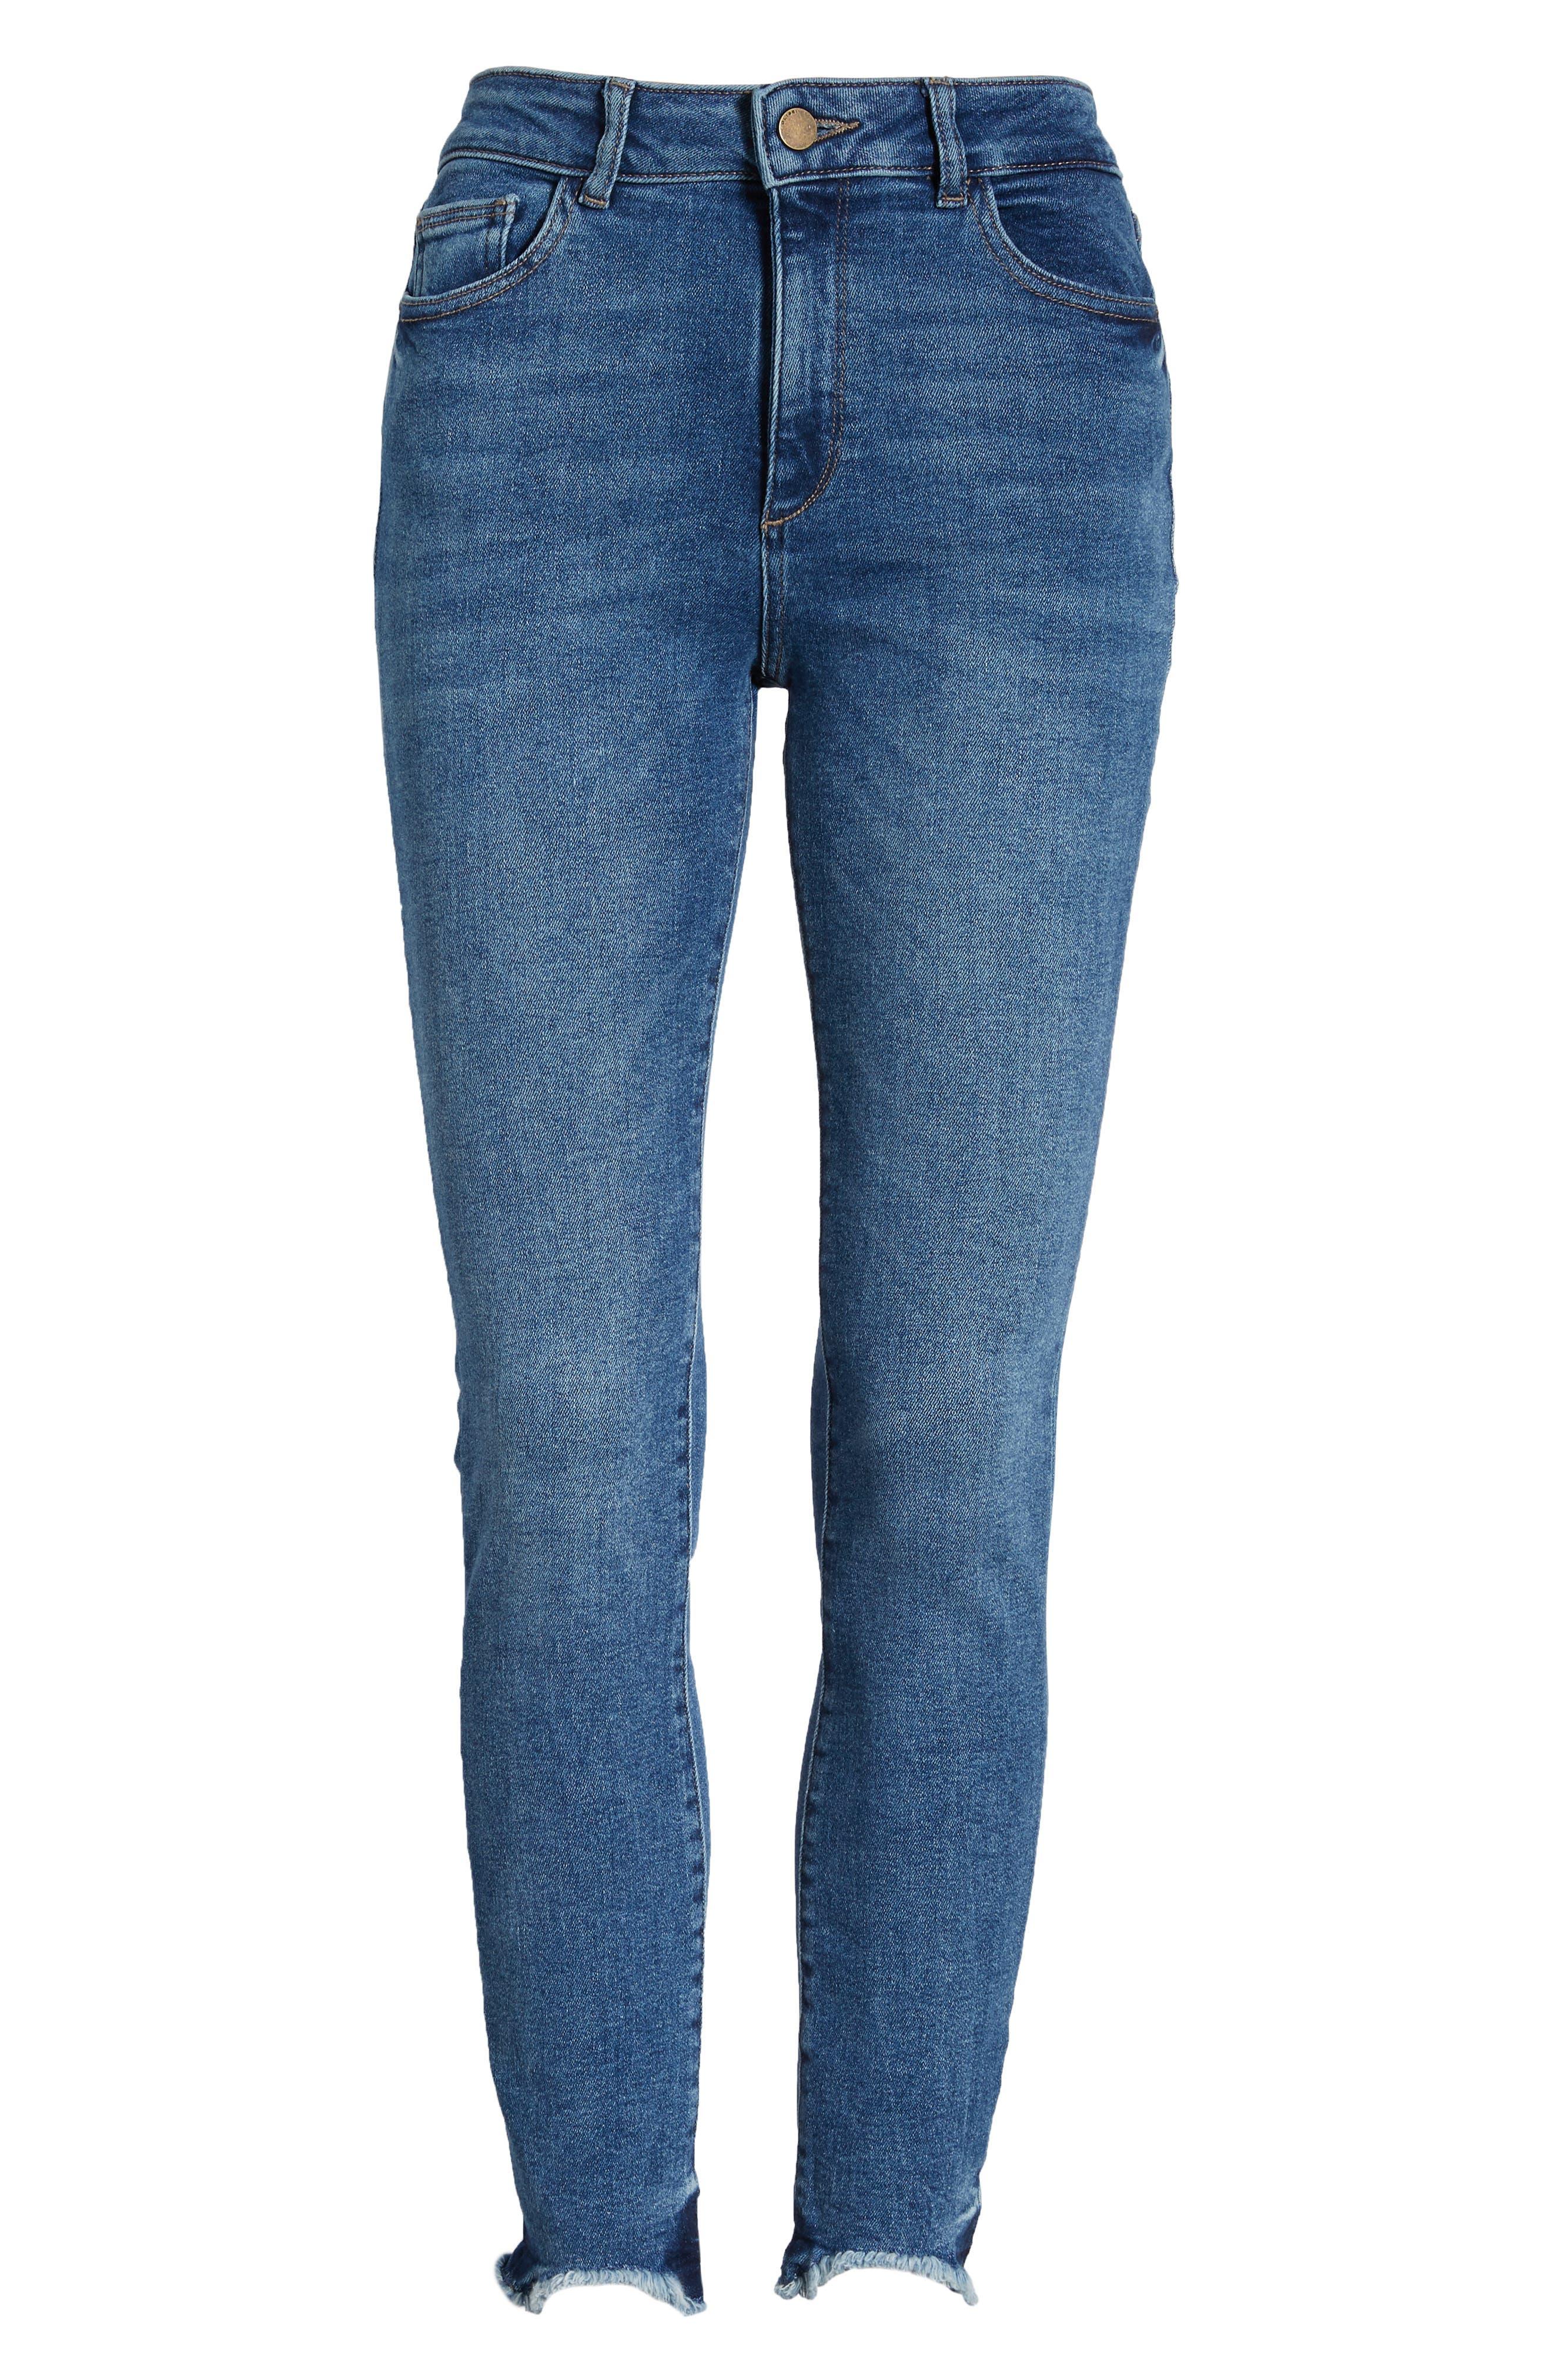 Farrow High Waist Skinny Jeans,                             Alternate thumbnail 7, color,                             422